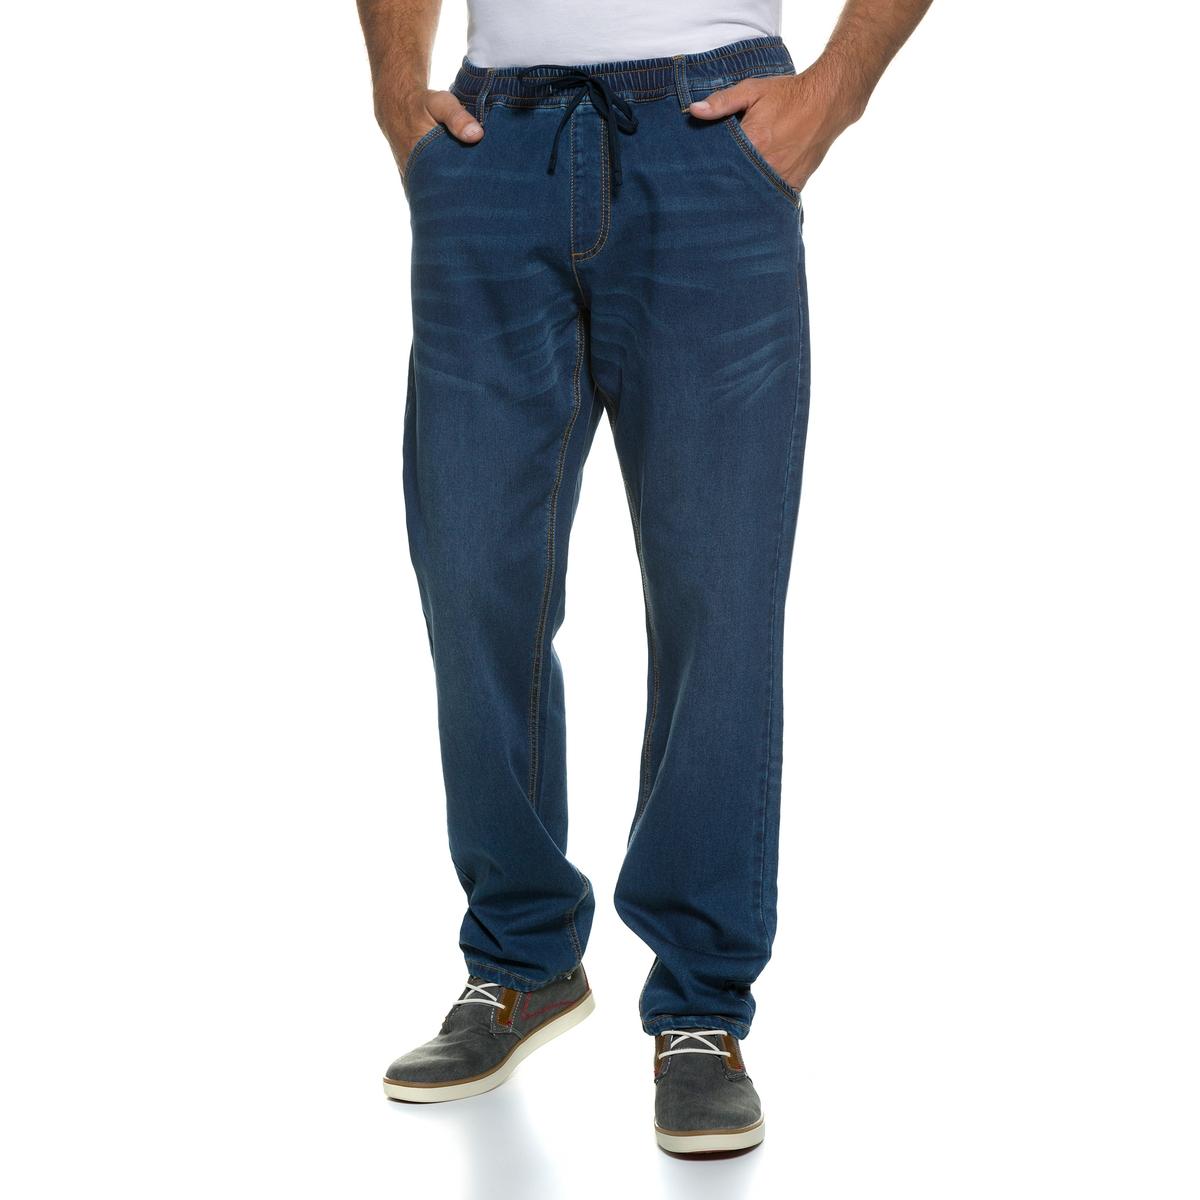 БрюкиБрюки JP1880. Современные и комфортные брюки в спортивном стиле из денима. 76% хлопка, 23% вискозы, 1% эластана. Длина по внутр.шву ок. 85-94 см.4 кармана, эластичный пояс и завязки.<br><br>Цвет: синий джинсовый<br>Размер: 6XL.4XL.XXL